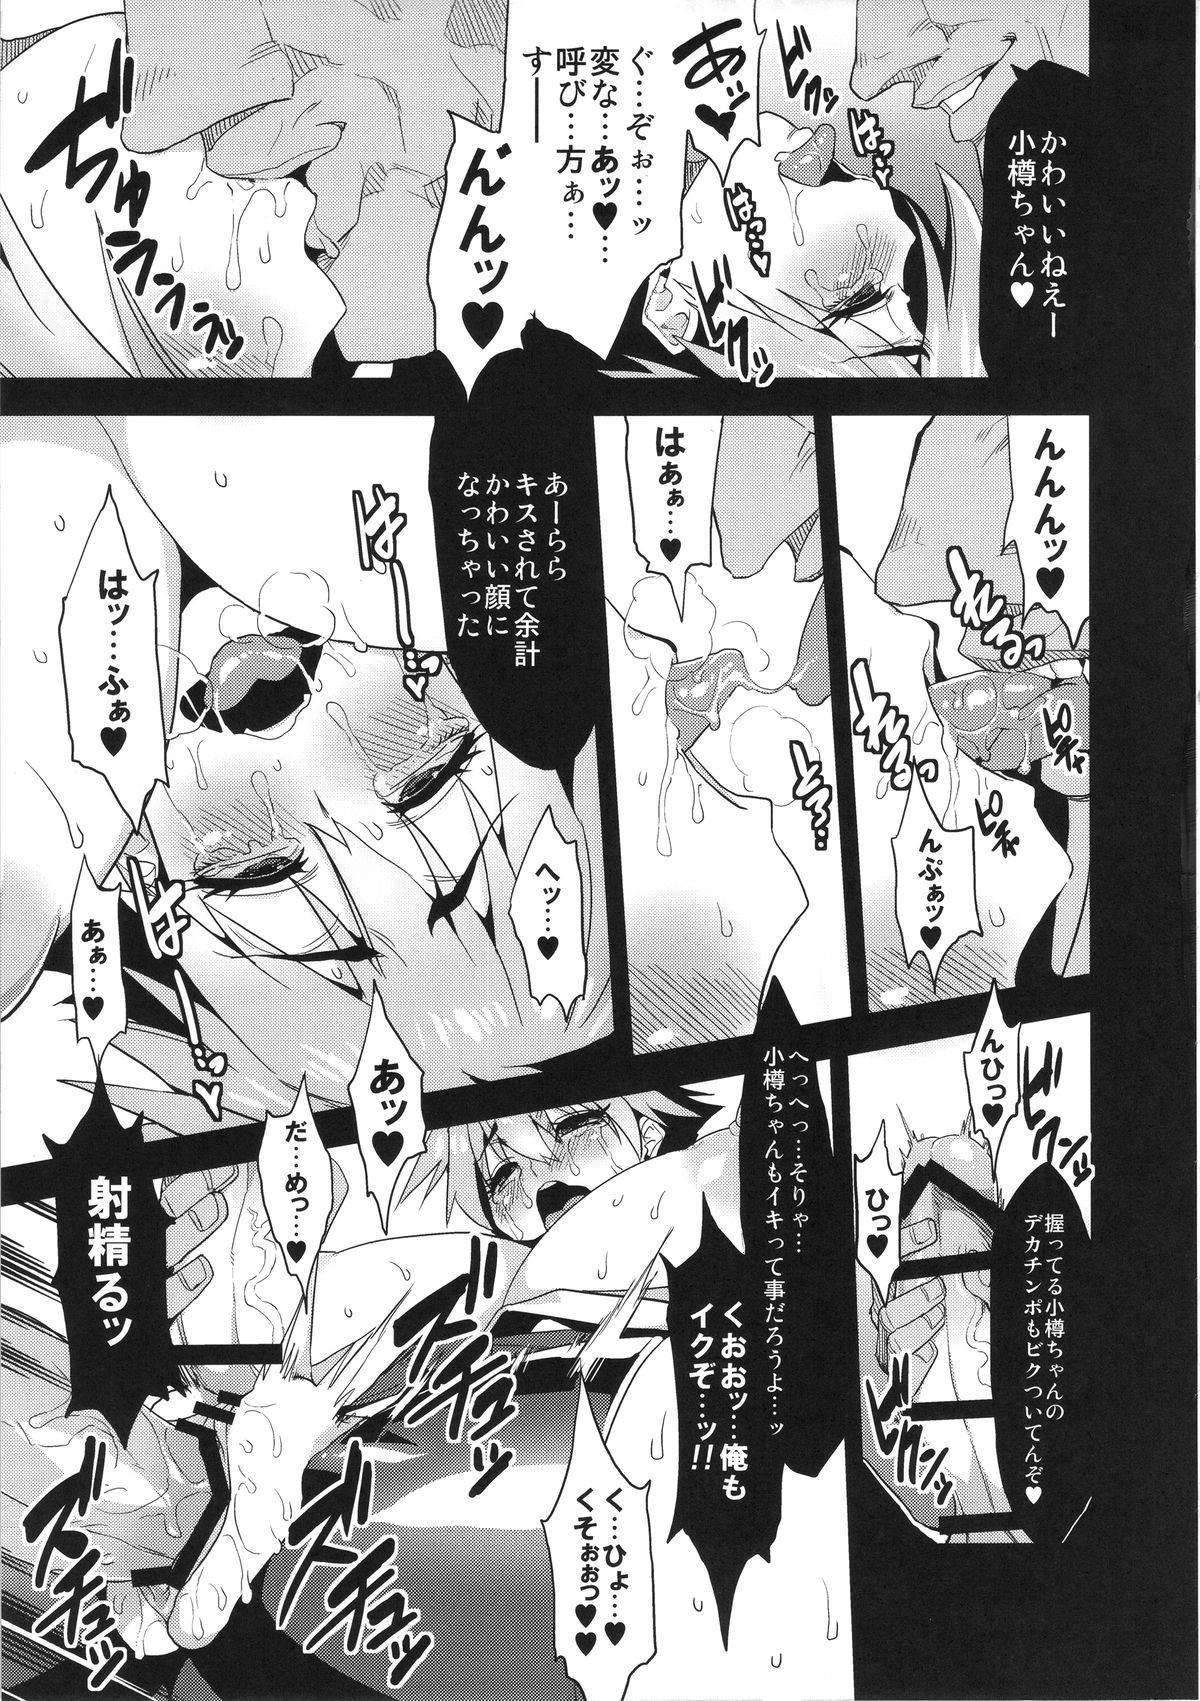 Hentai Marionette 3 13